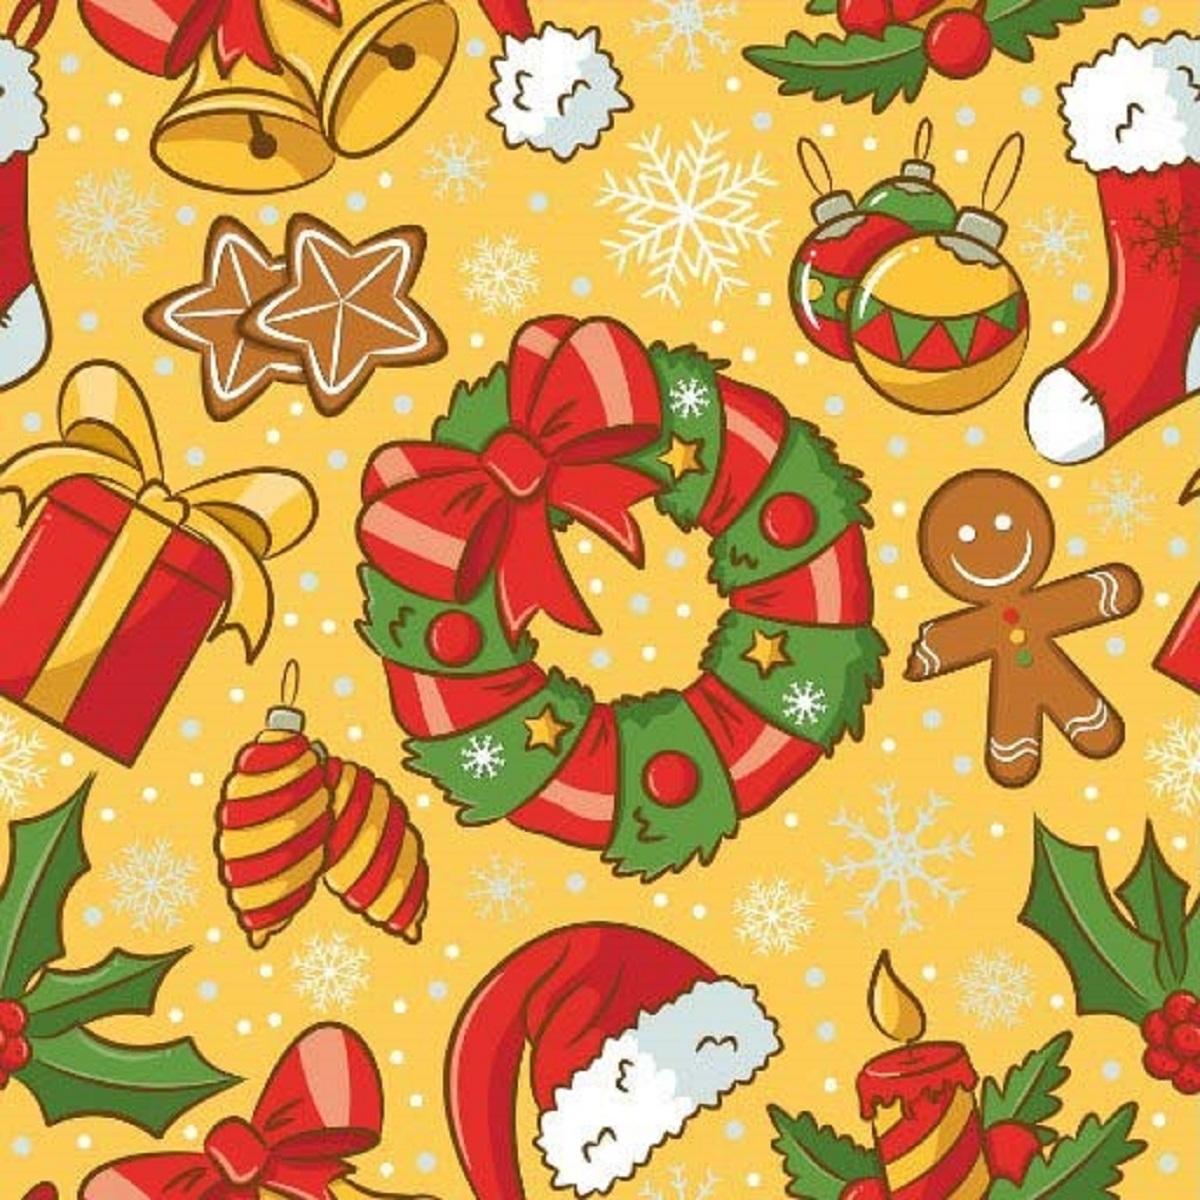 Салфетки бумажные Gratias Рождество, цвет: желтый, трехслойные, 33 х 33 см, 20 шт20862Для бытового и санитарно-гигиенического назначения одноразового использования.